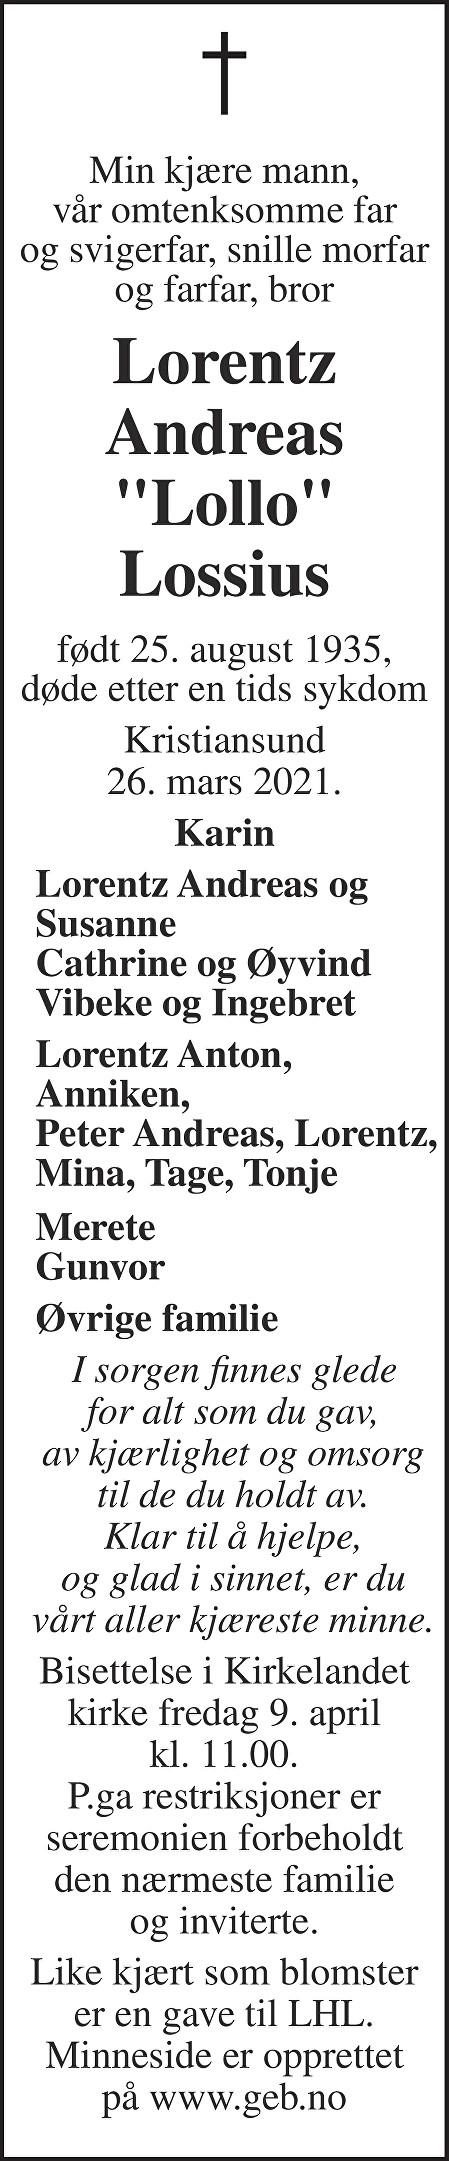 Lorentz Andreas Lossius Dødsannonse